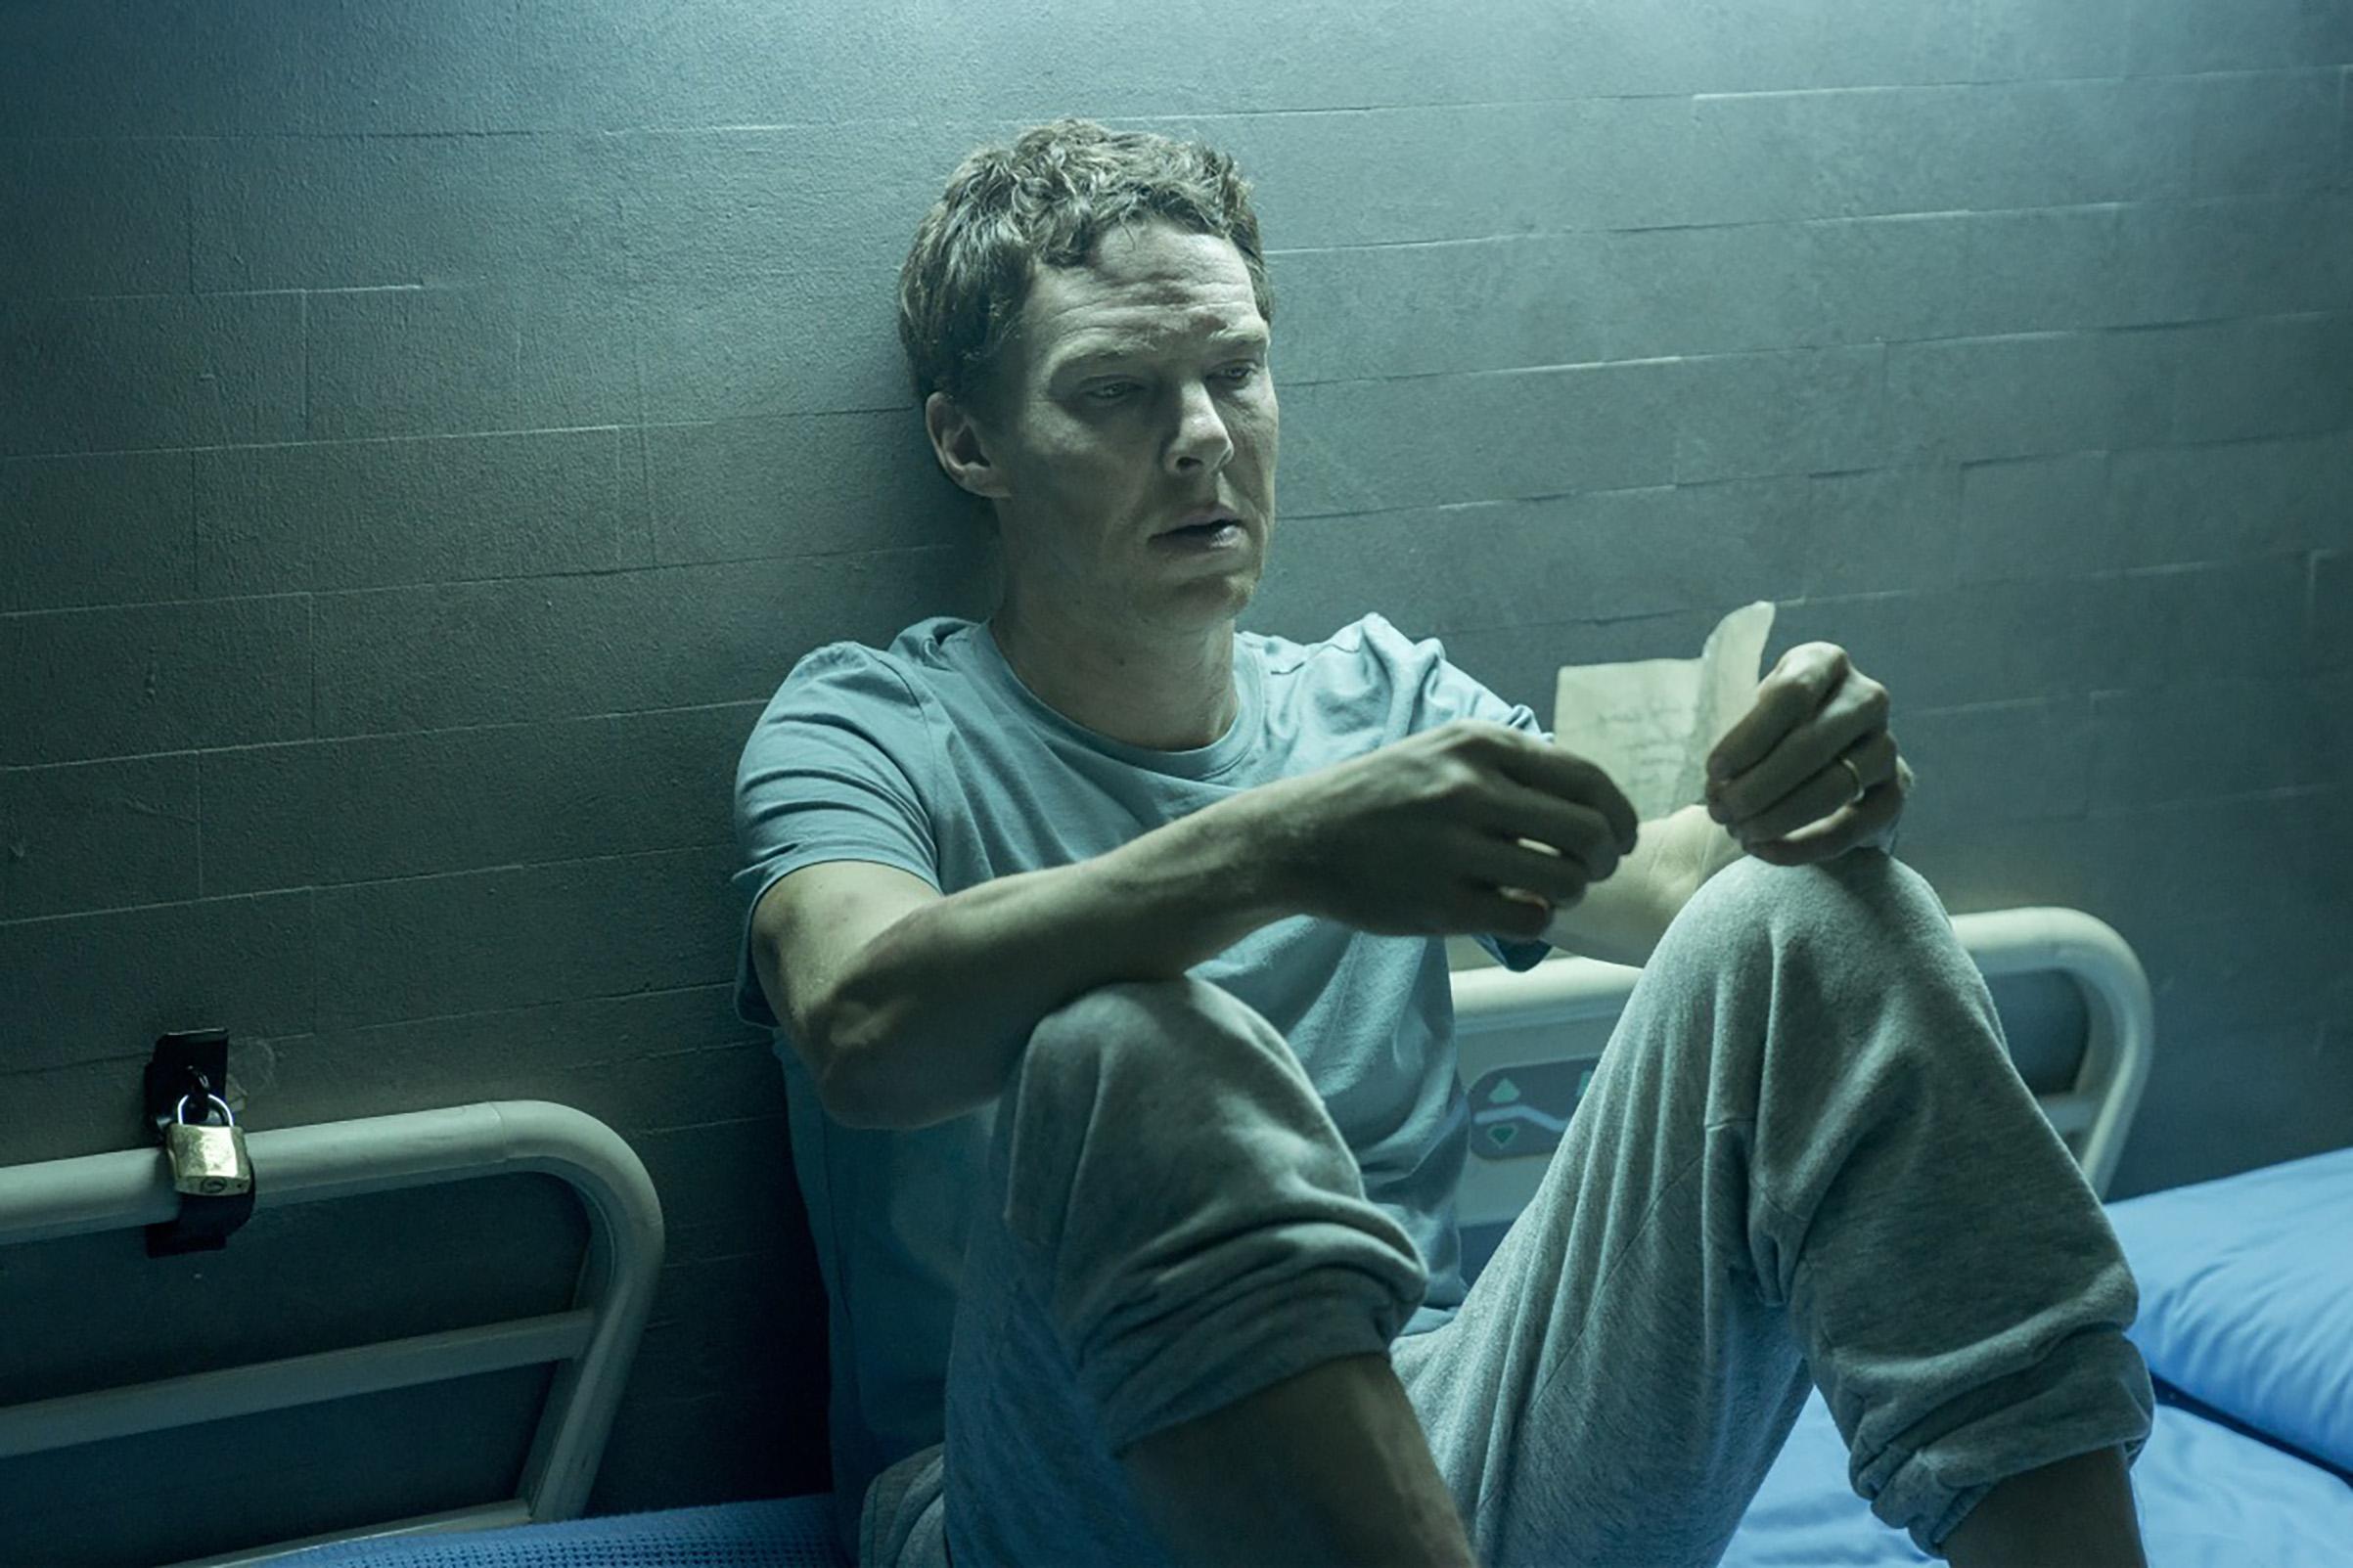 Benedict Cumberbatch in 'Patrick Melrose'